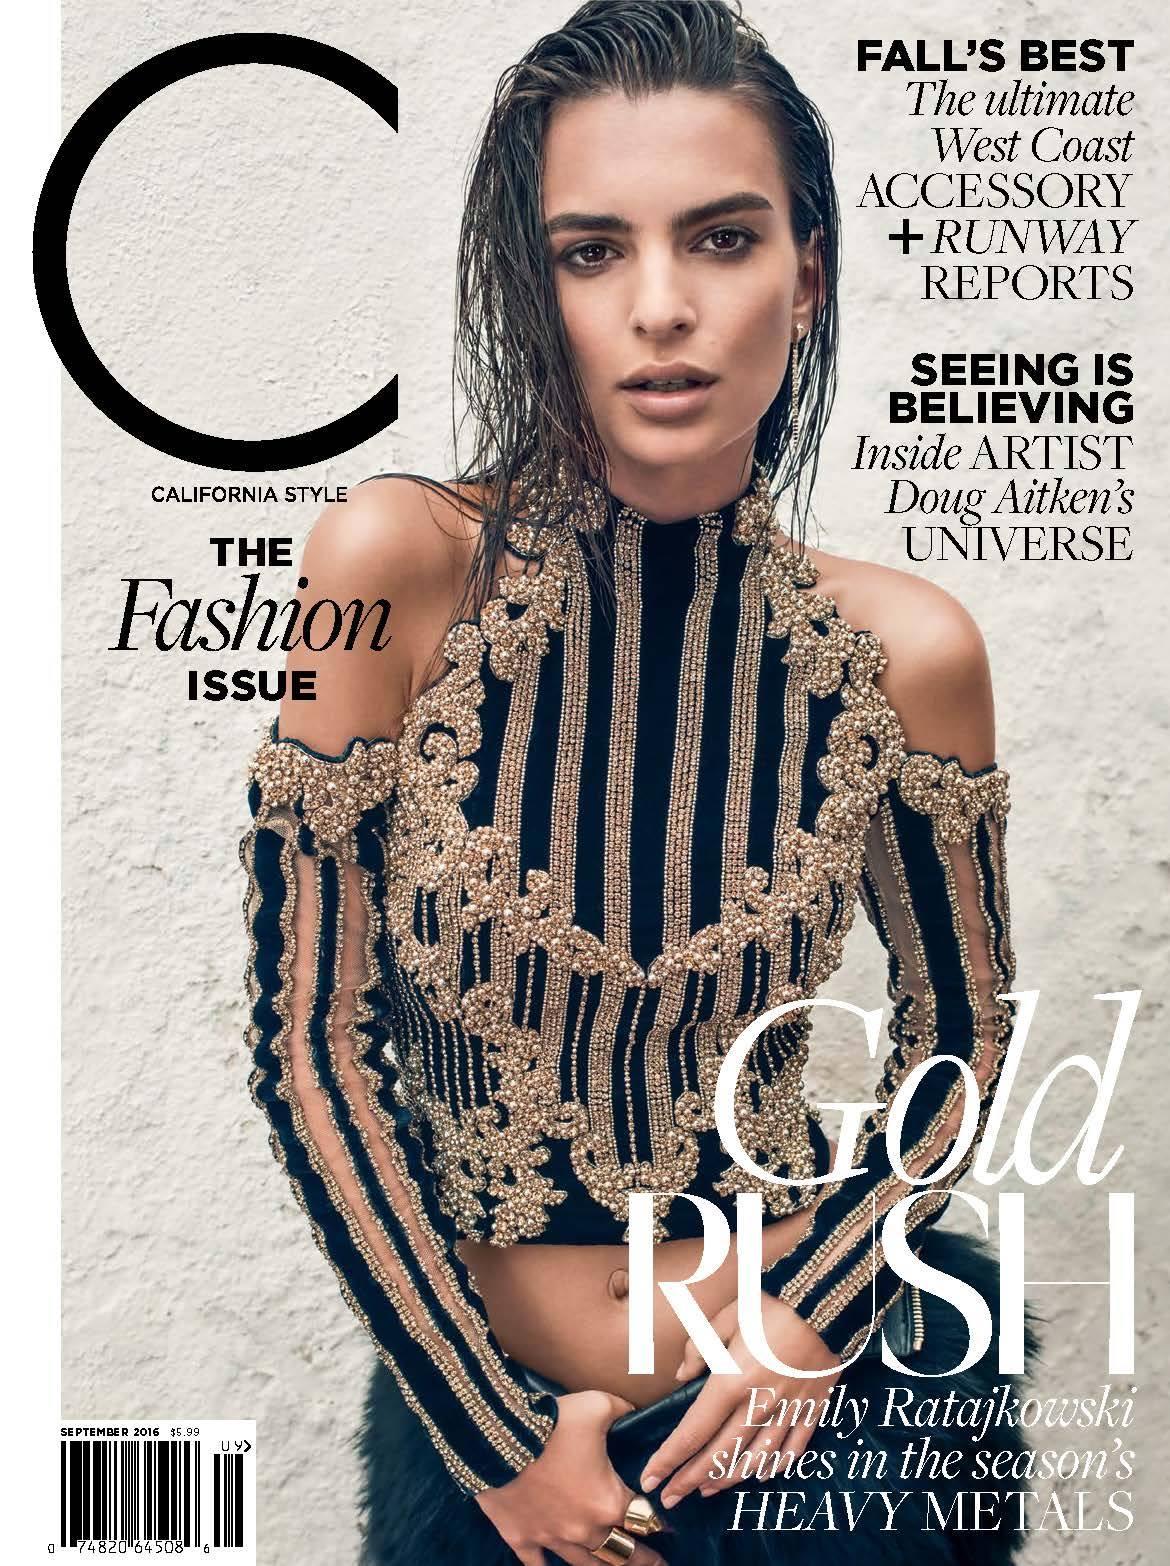 c magazine.jpg